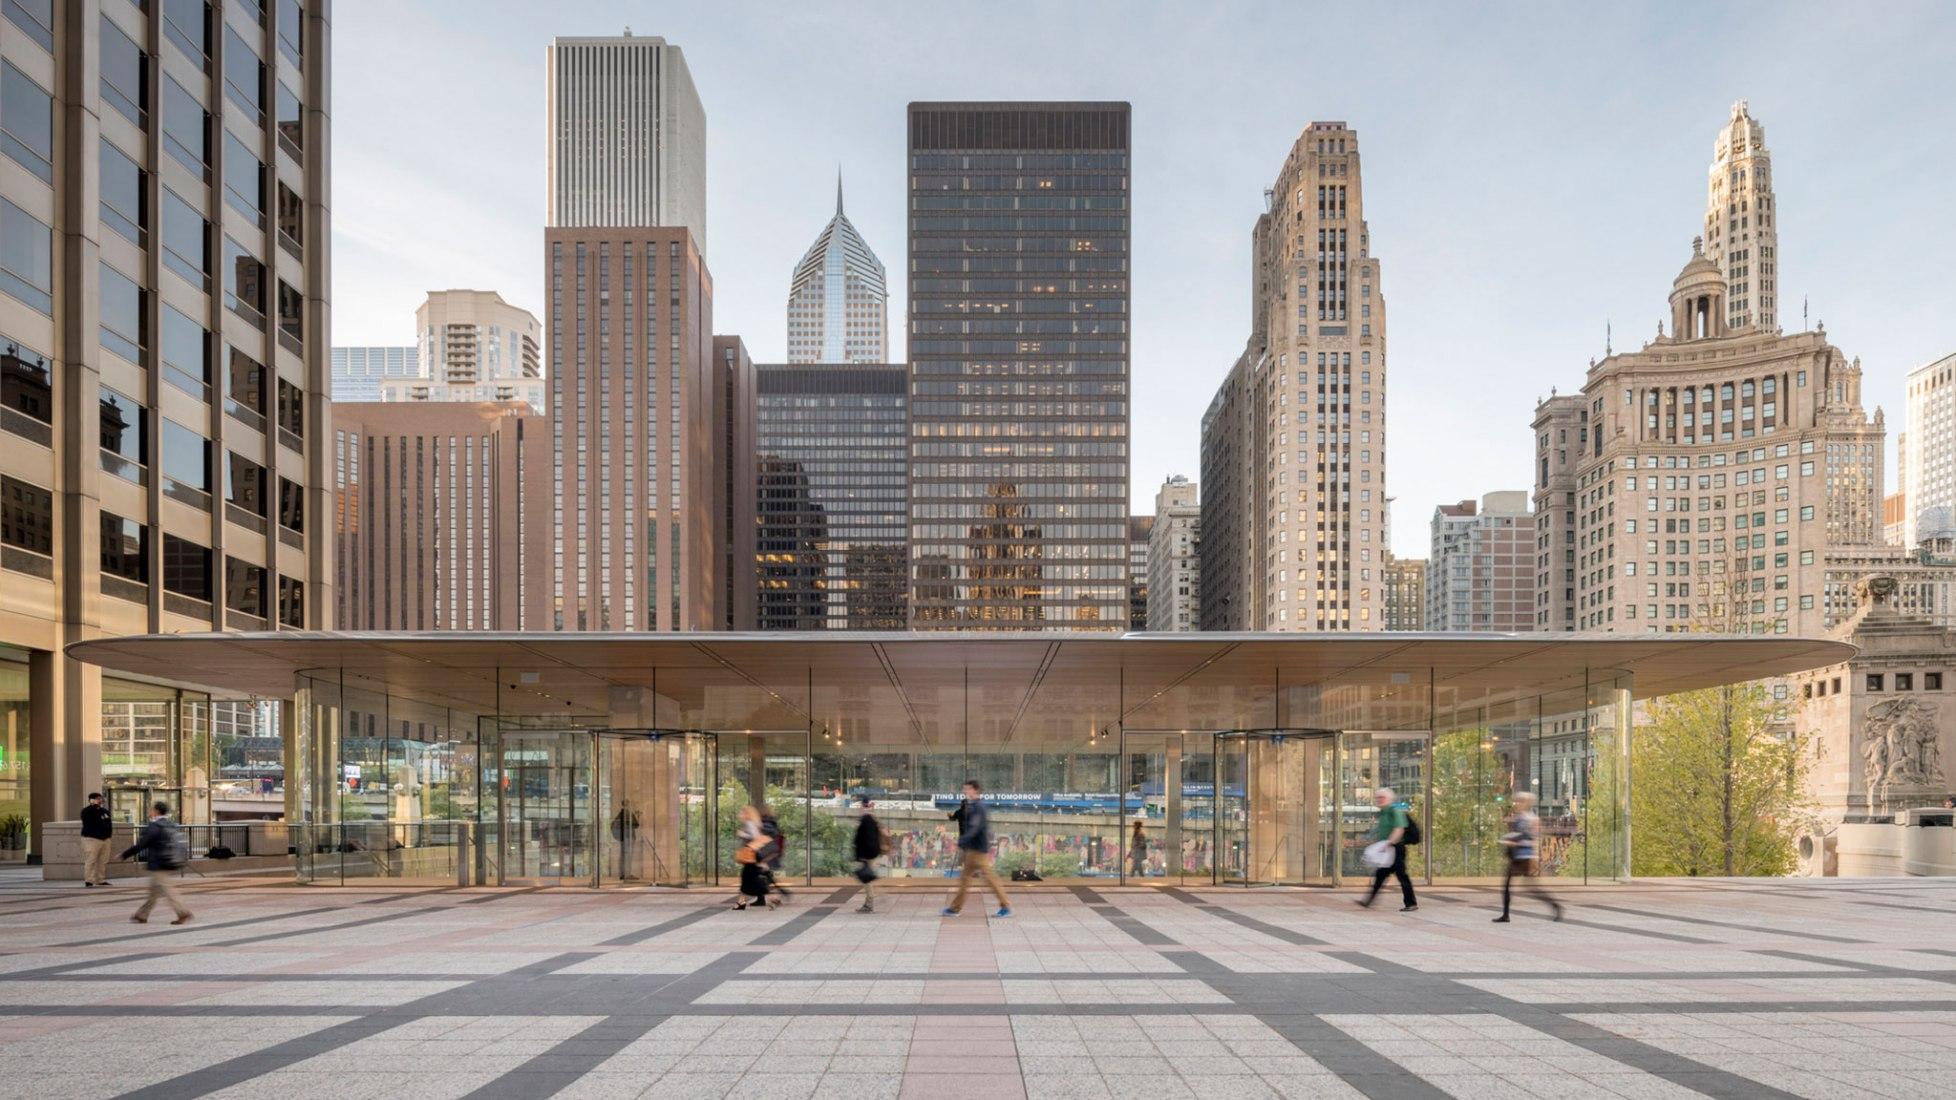 Tienda Apple en Michigan Avenue, por Foster + Partners. Fotografía © Nigel Young